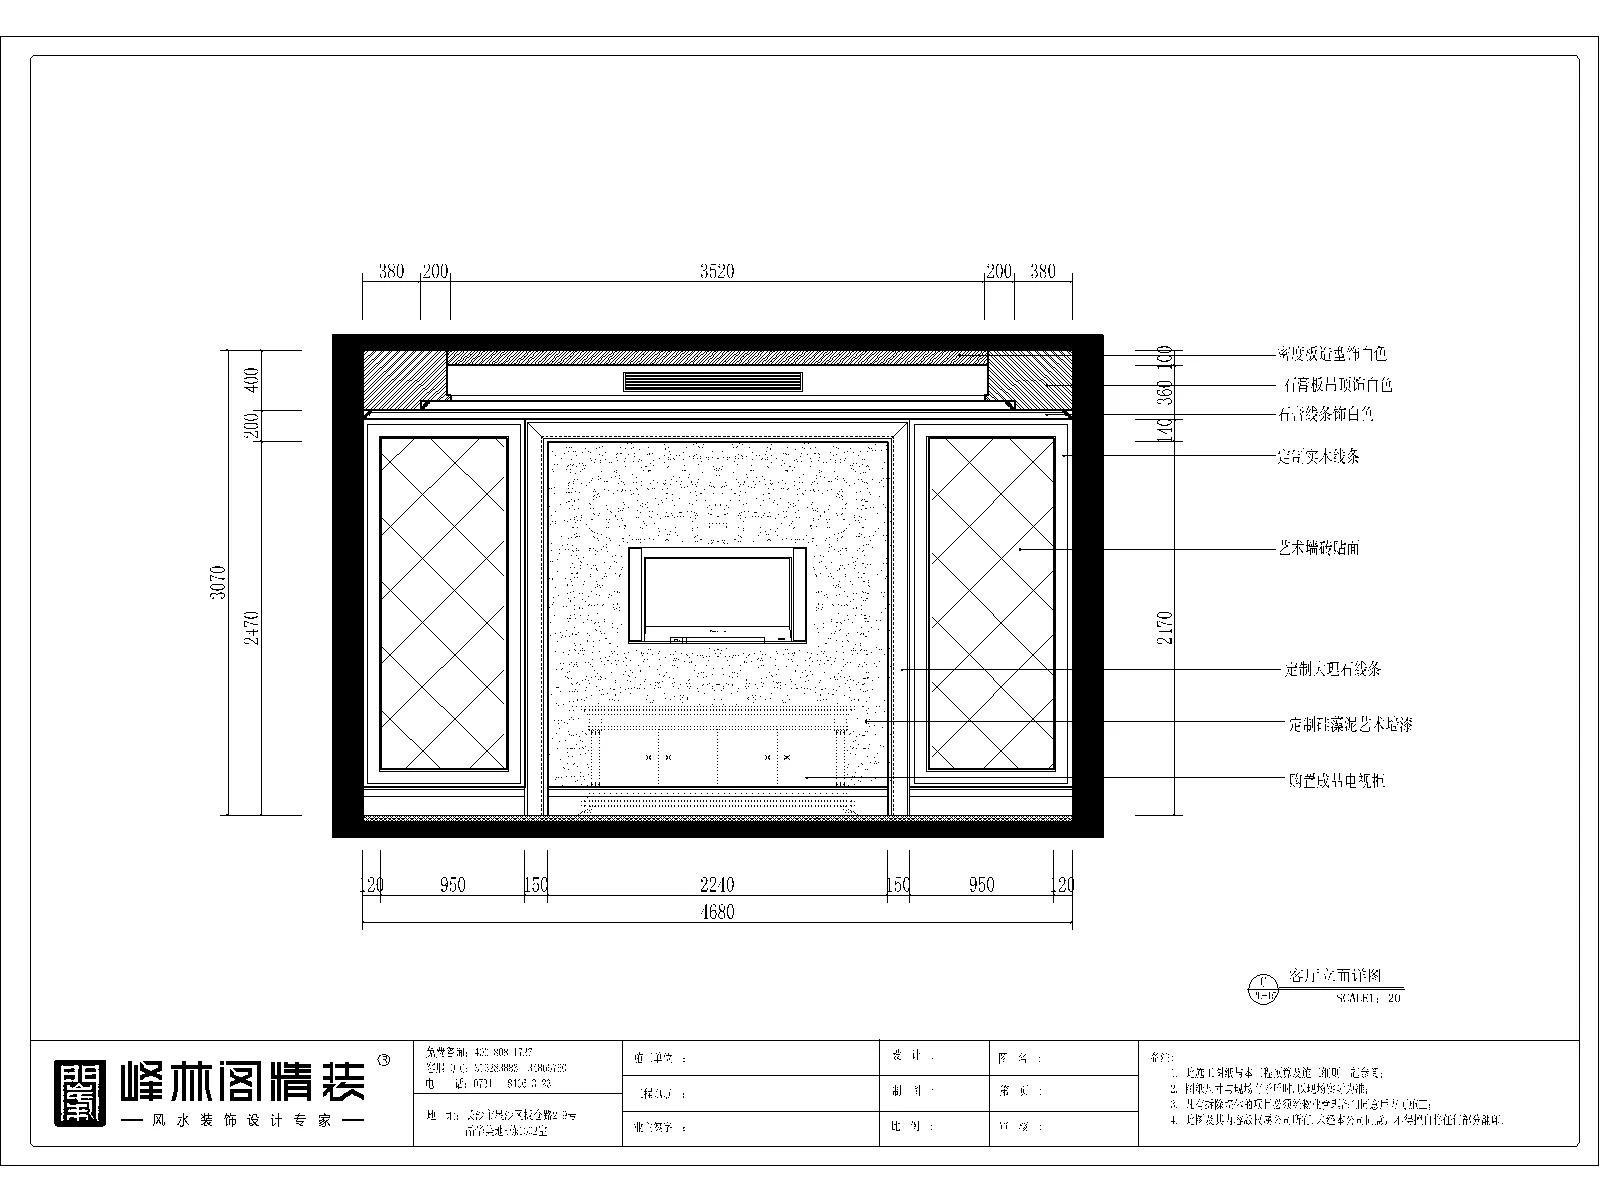 某公司设计的餐厅立面图: 考虑到二三四楼主体结构已经改变,考虑到